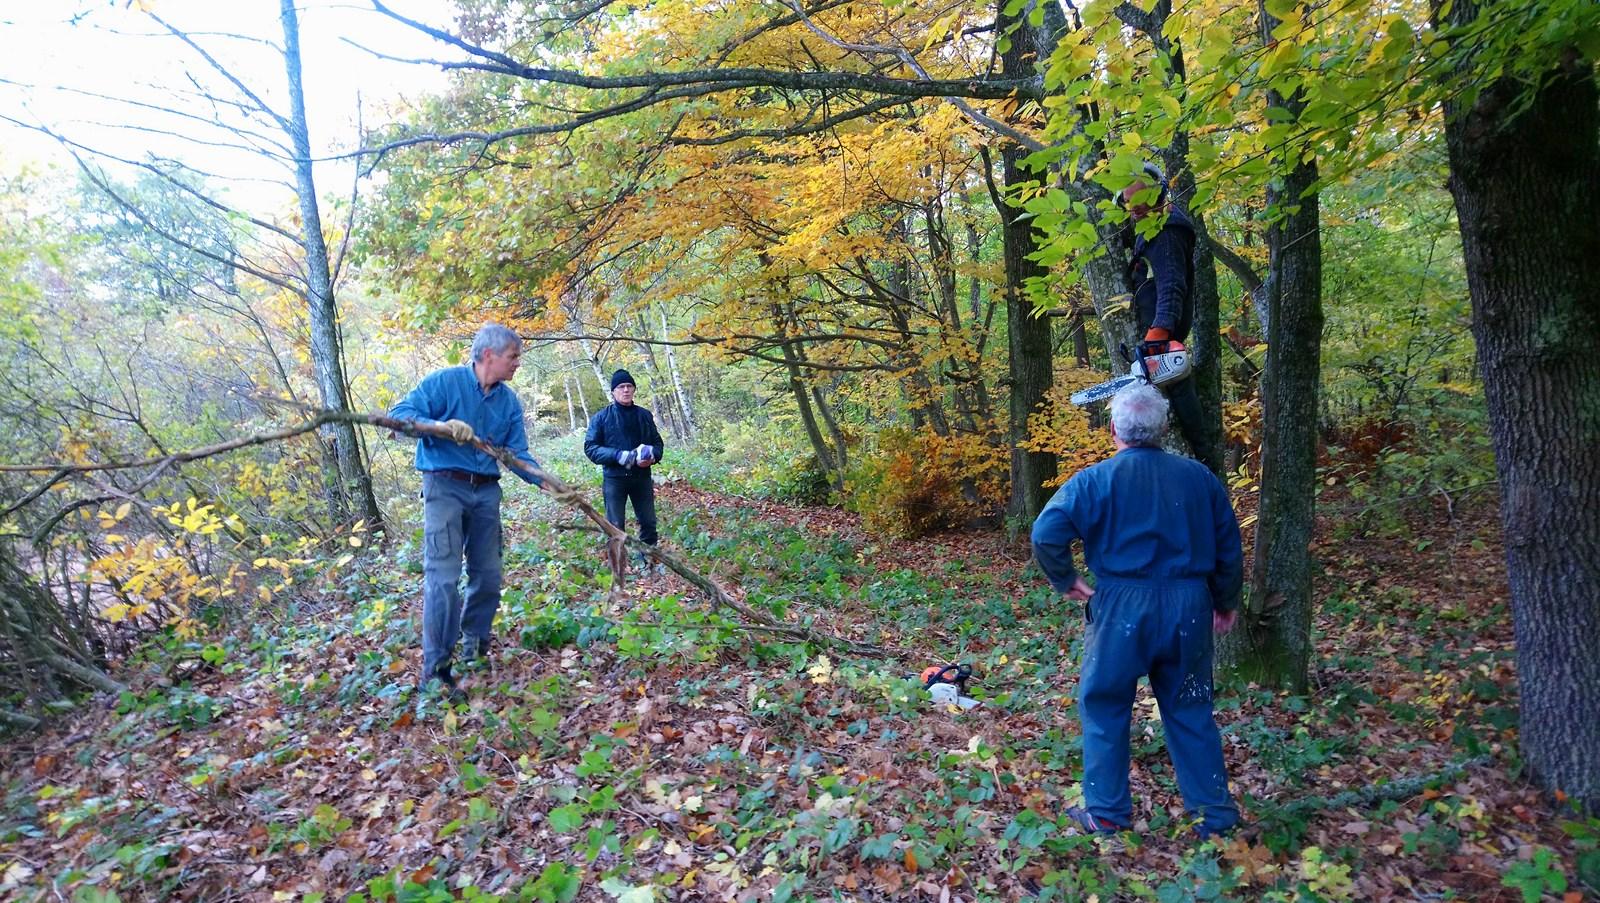 Nettoyage des berges du Petit Albert, automne 2018